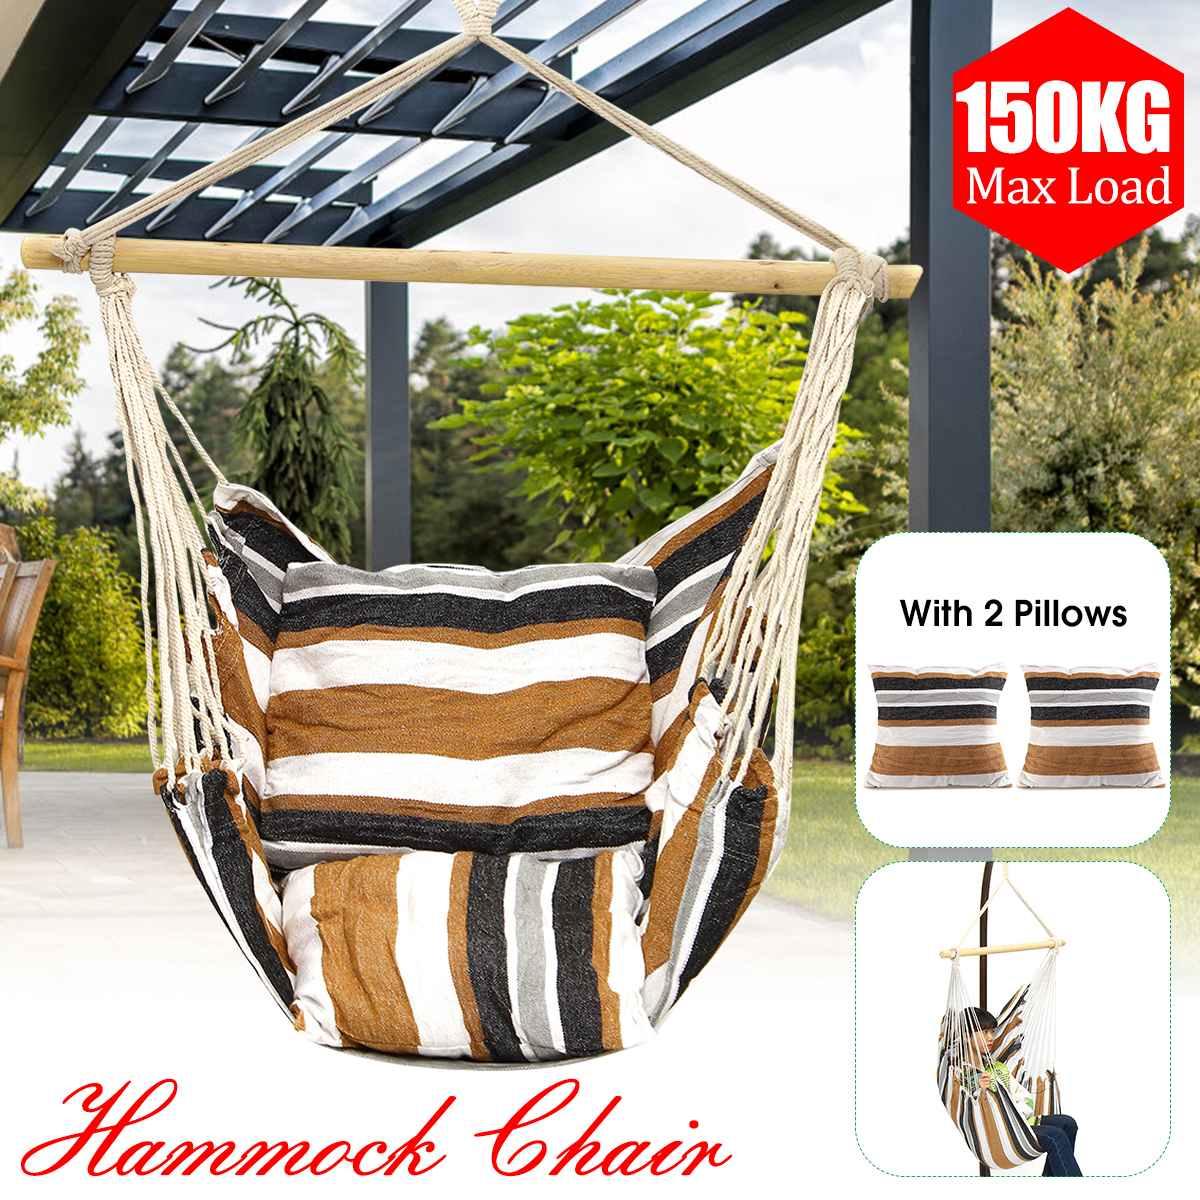 Hamac extérieur chaise jardin hamac meubles balançoire chaise suspendue siège avec 2 oreillers adultes enfants